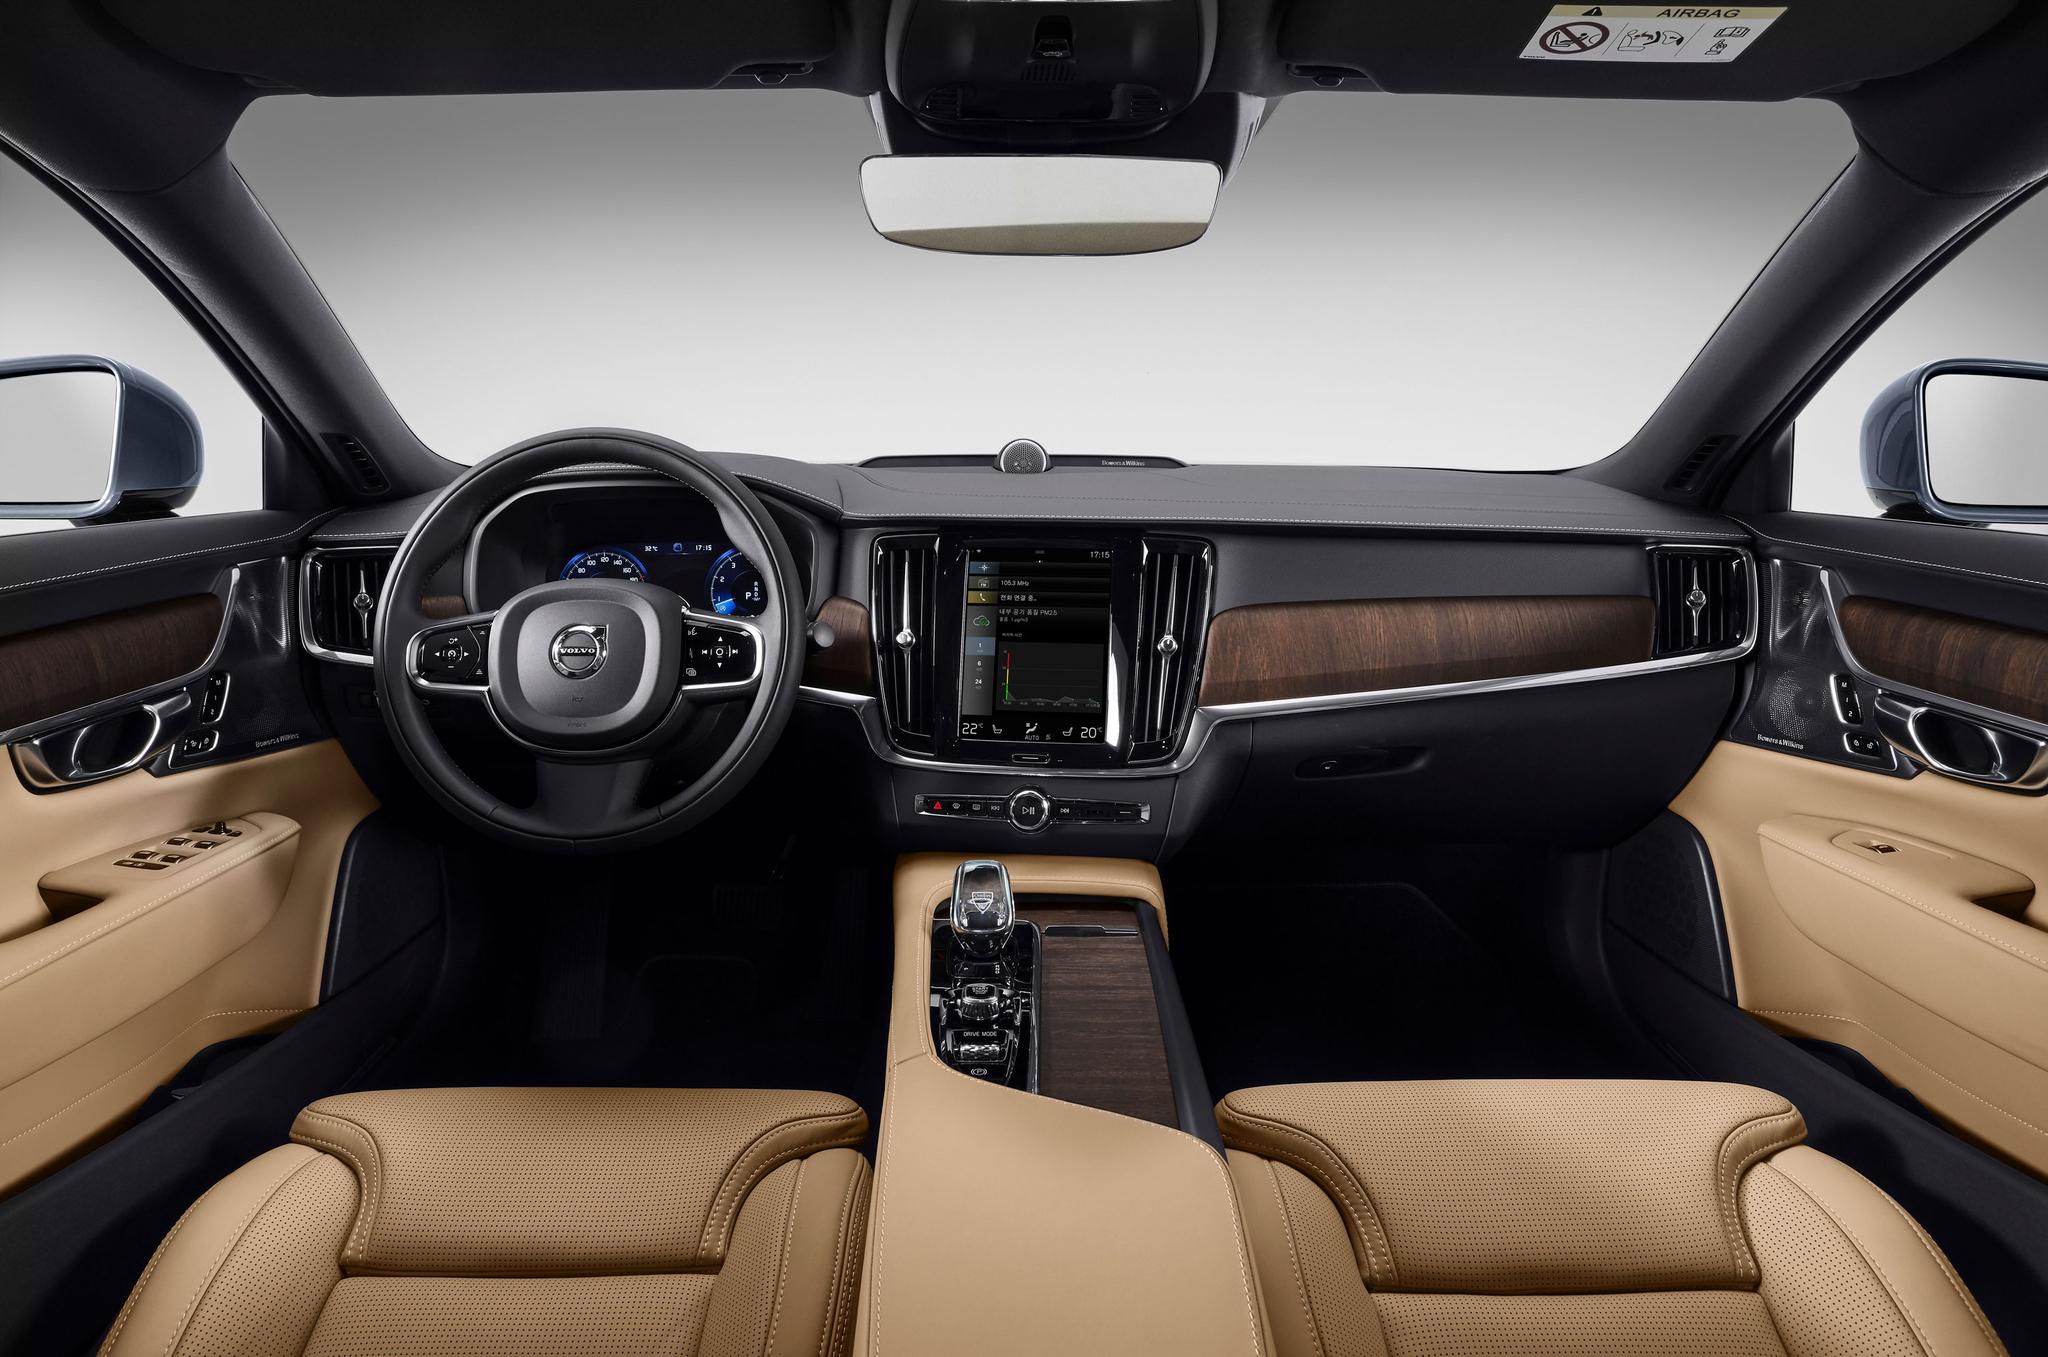 부분변경된 볼보 S90은 더 풍부해진 안전사양과 한국 시장에 맞춘 공기청정기능, 새로 개발한 바우어앤윌킨스(B&W) 오디오 등이 탑재됐다. 사진 볼보자동차코리아